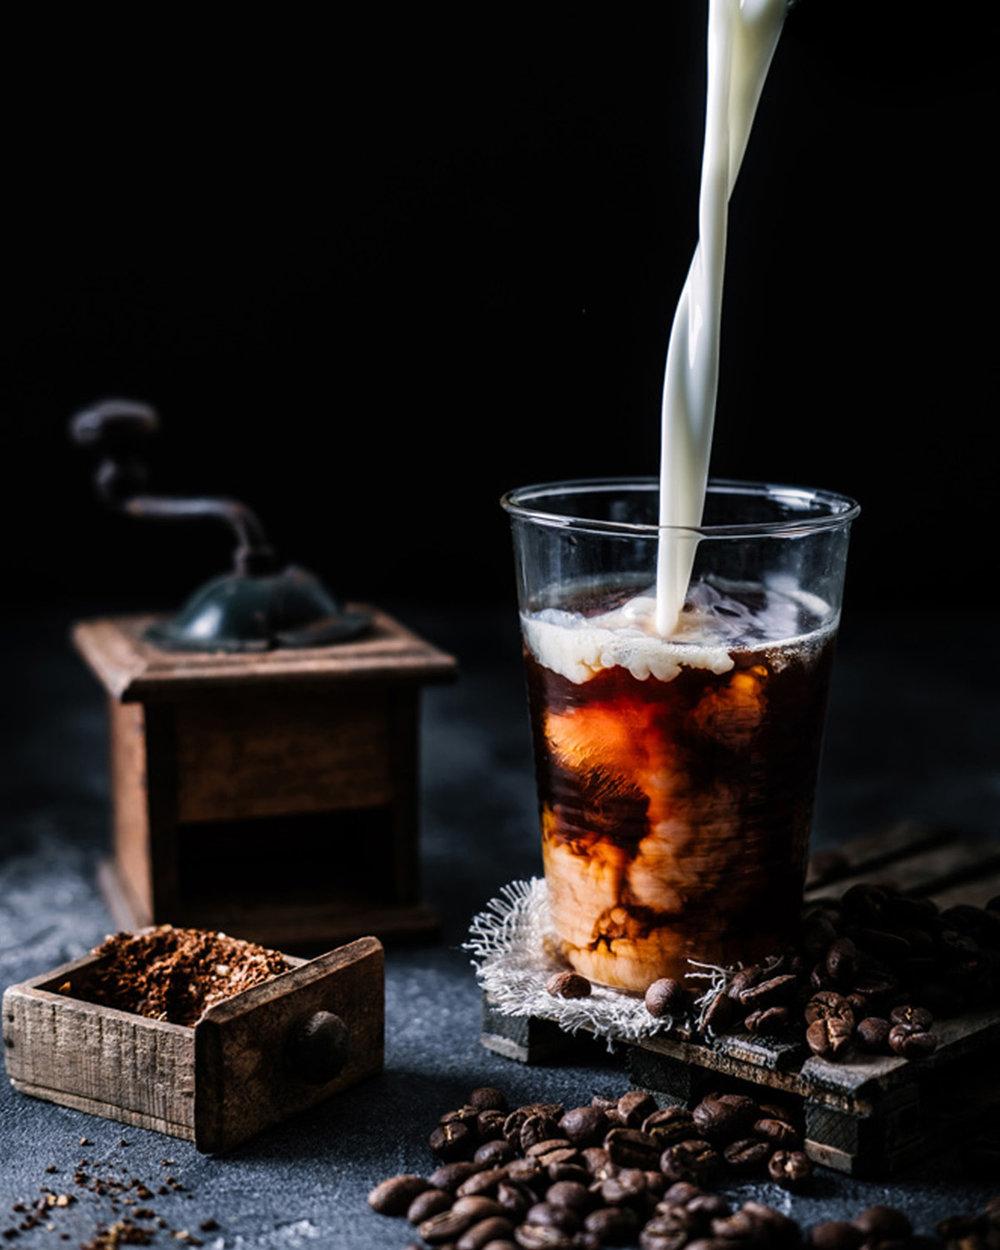 kaffe tim wendelboe drink matfotograf mats dreyer fotograf stylist oslo norge